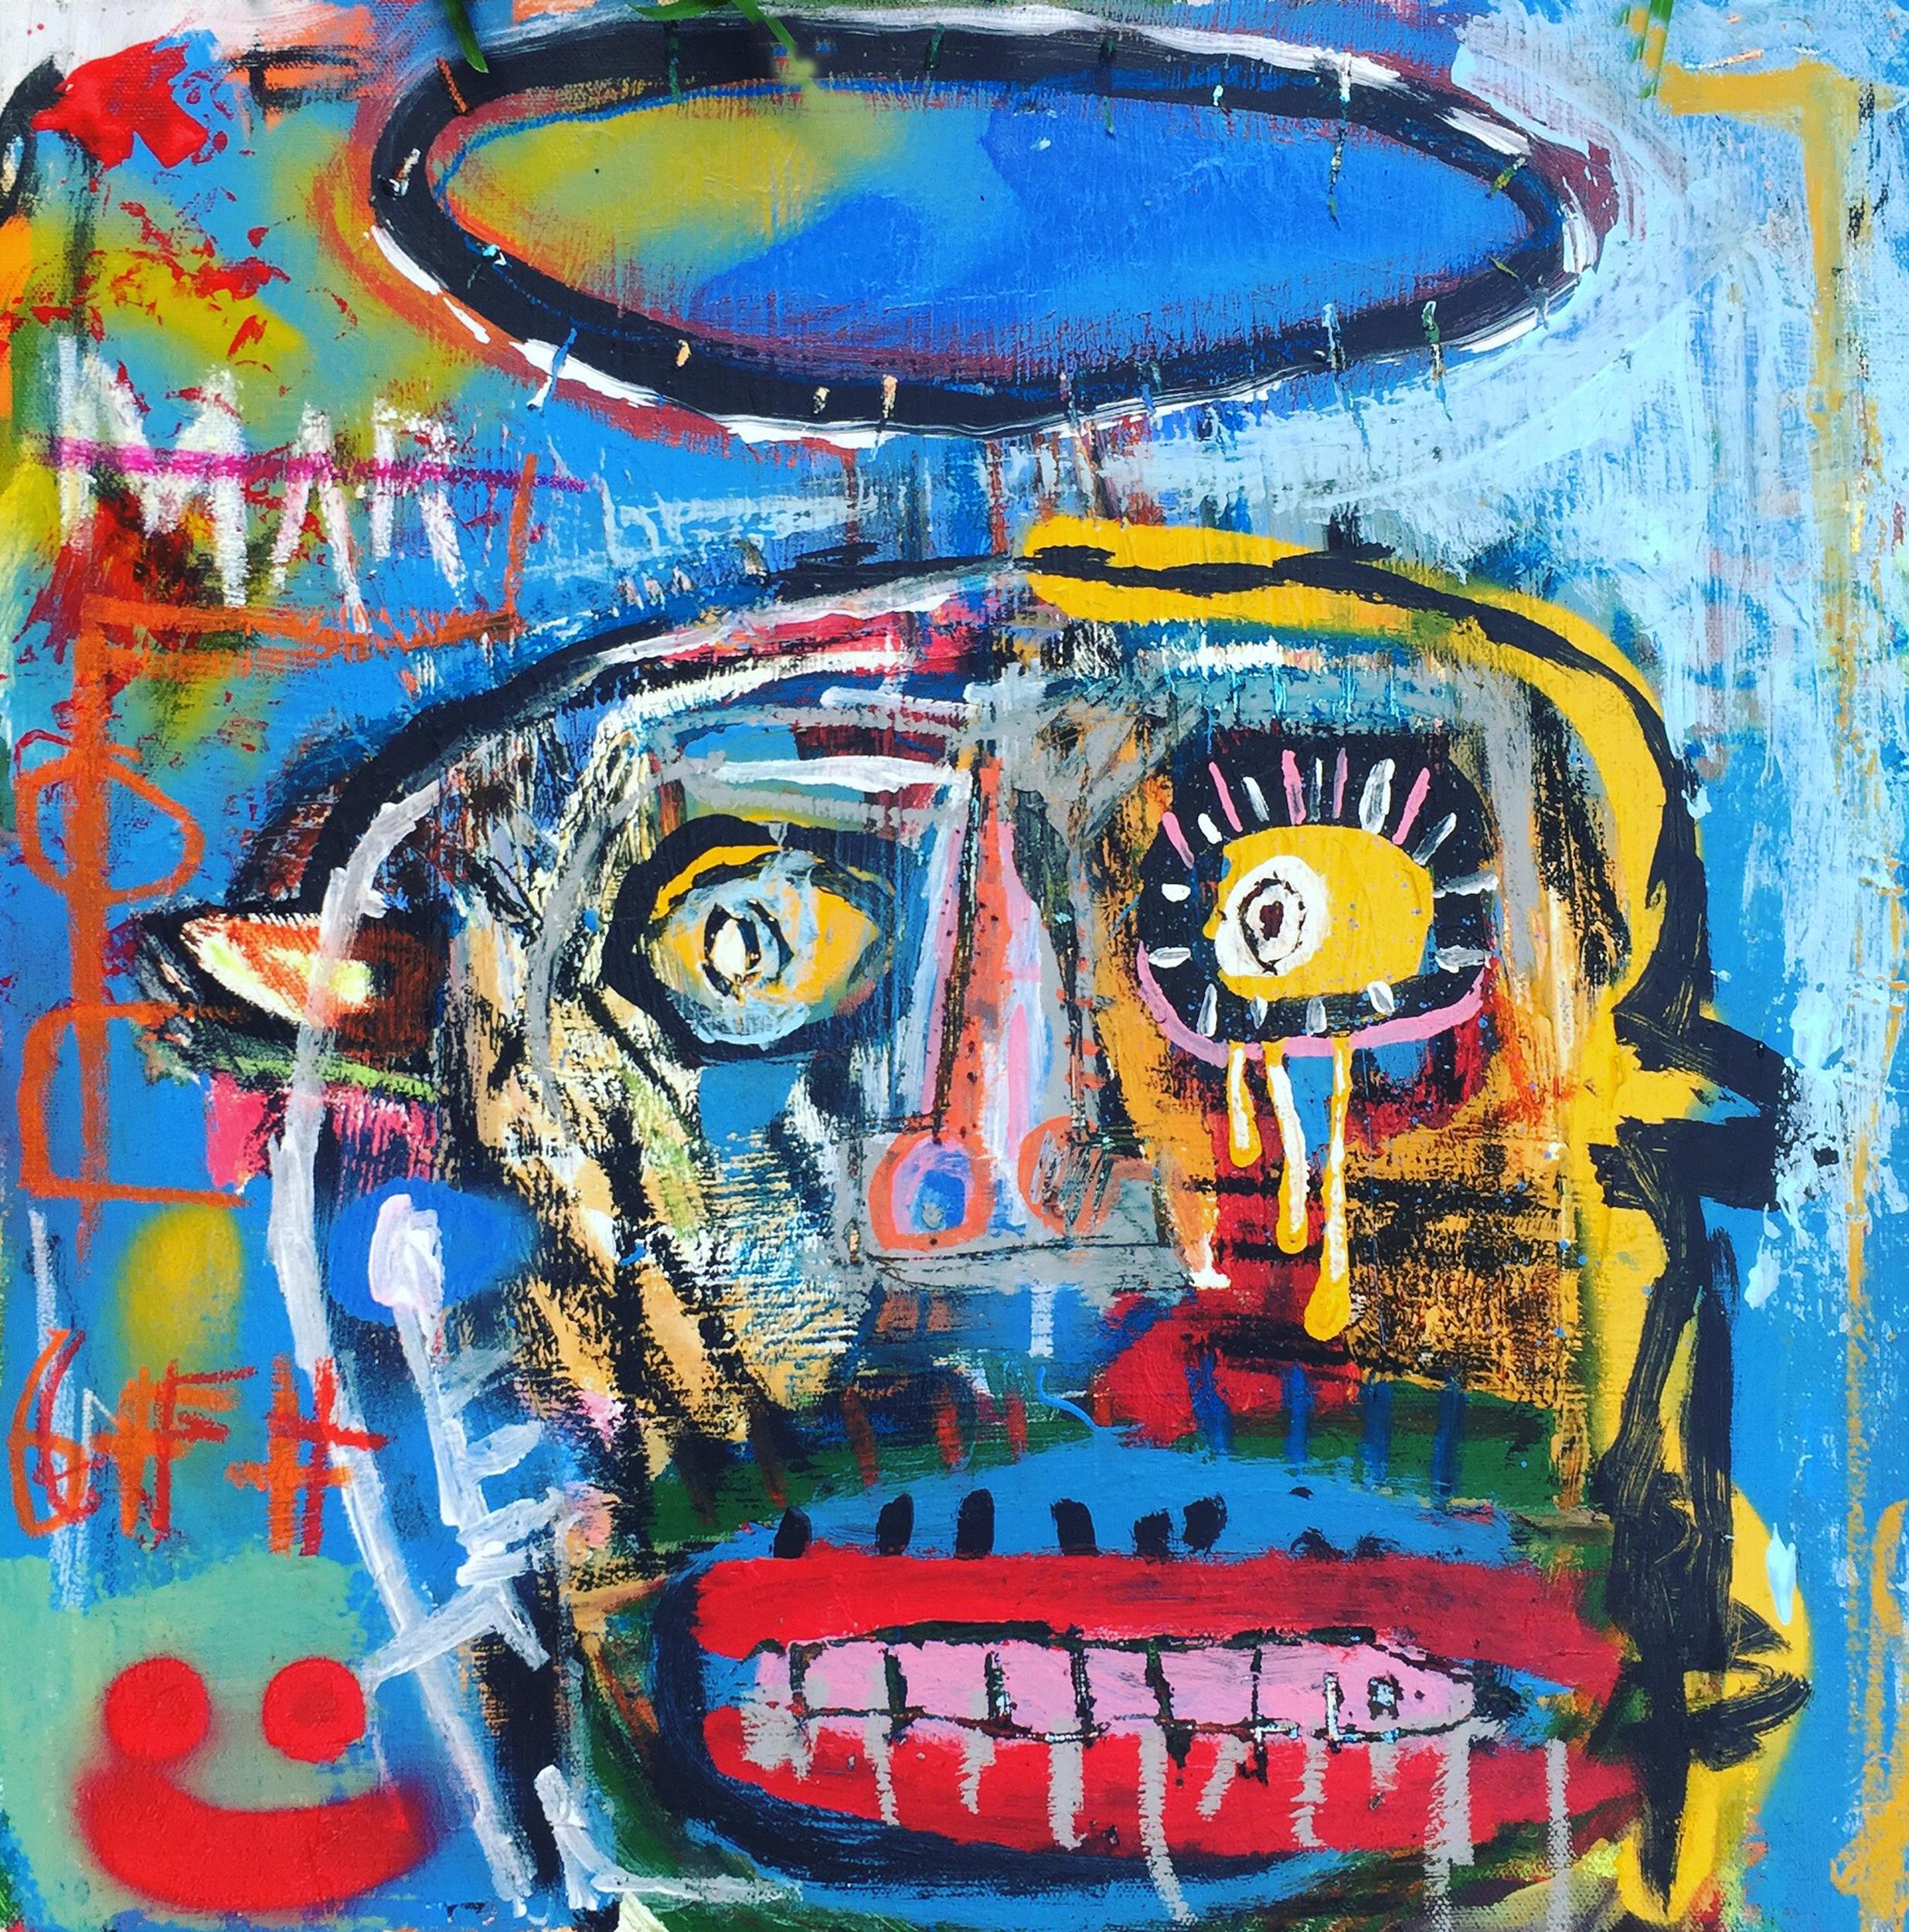 """""""Fear"""" by Mac Morgan, The Gallery Eumundi, Australia, Room 4215"""